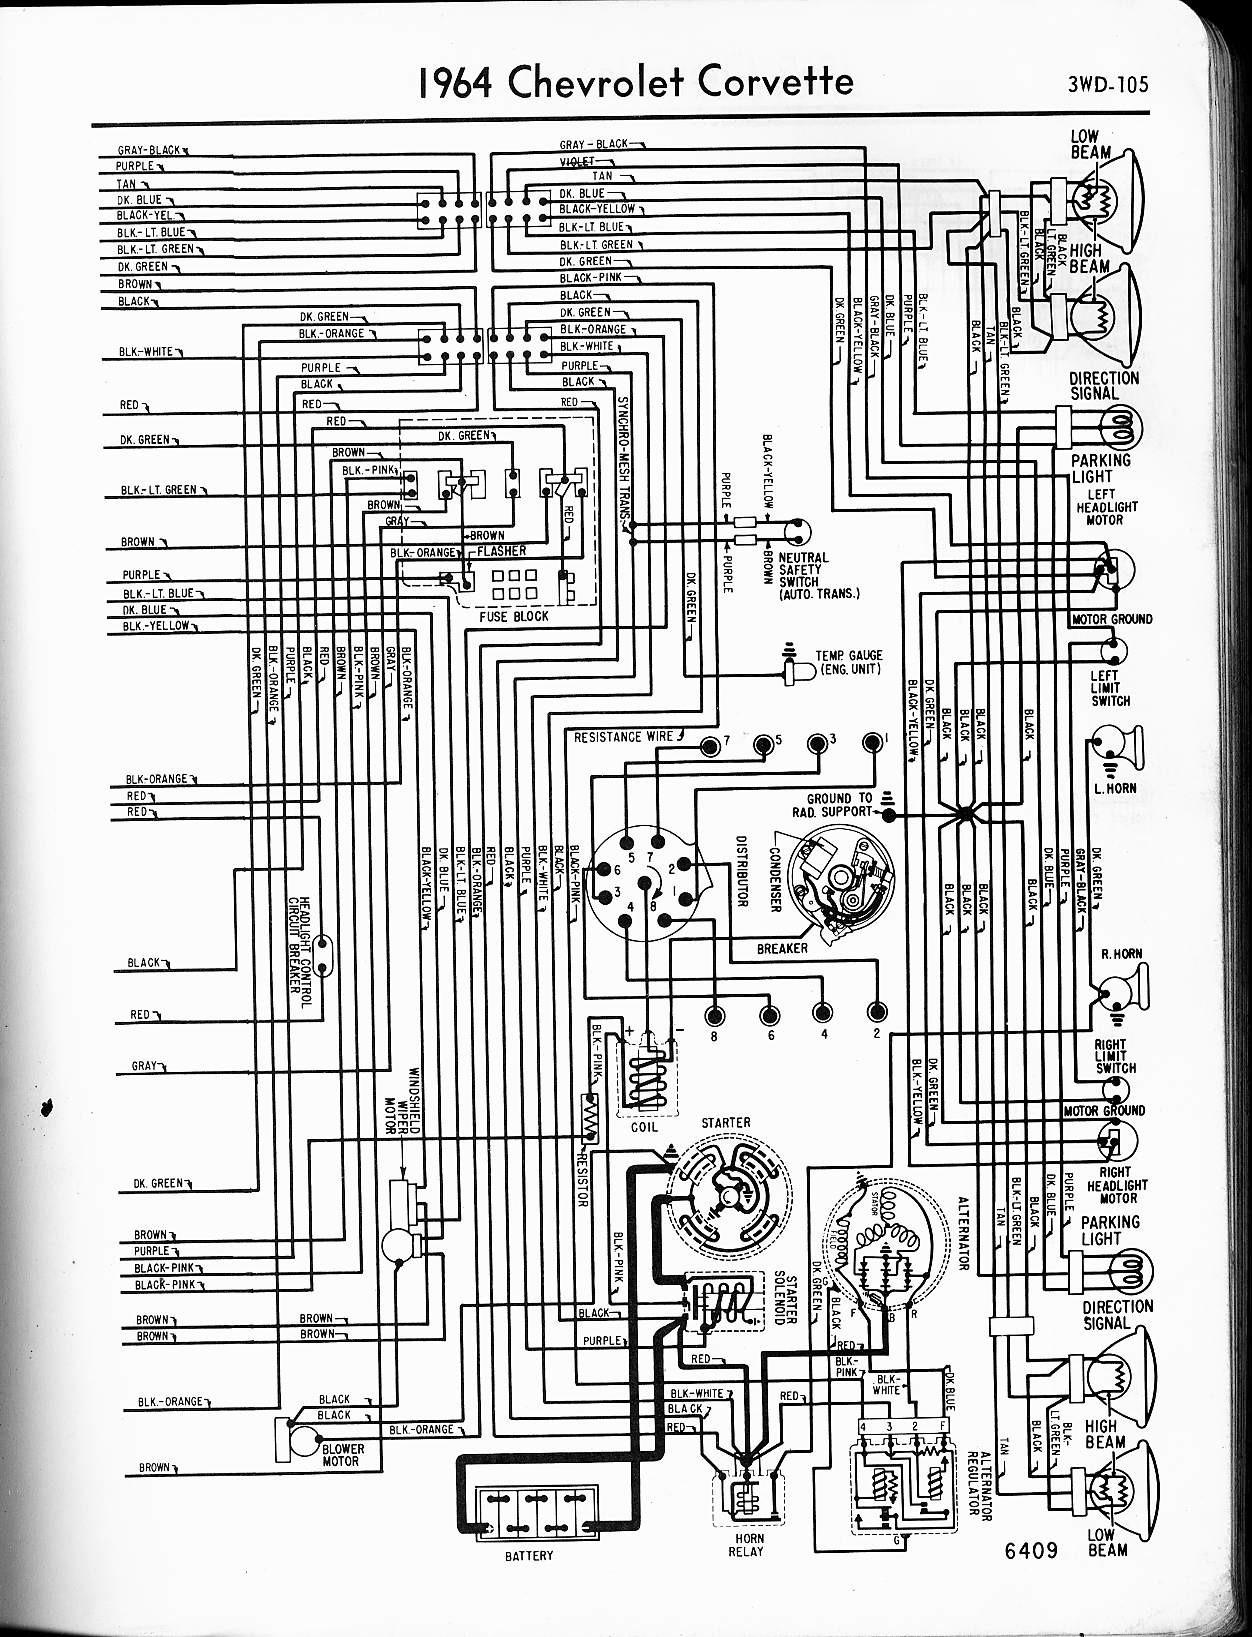 corvette engine diagram wire management \u0026 wiring diagram 1981 Corvette Fuse Box Diagram